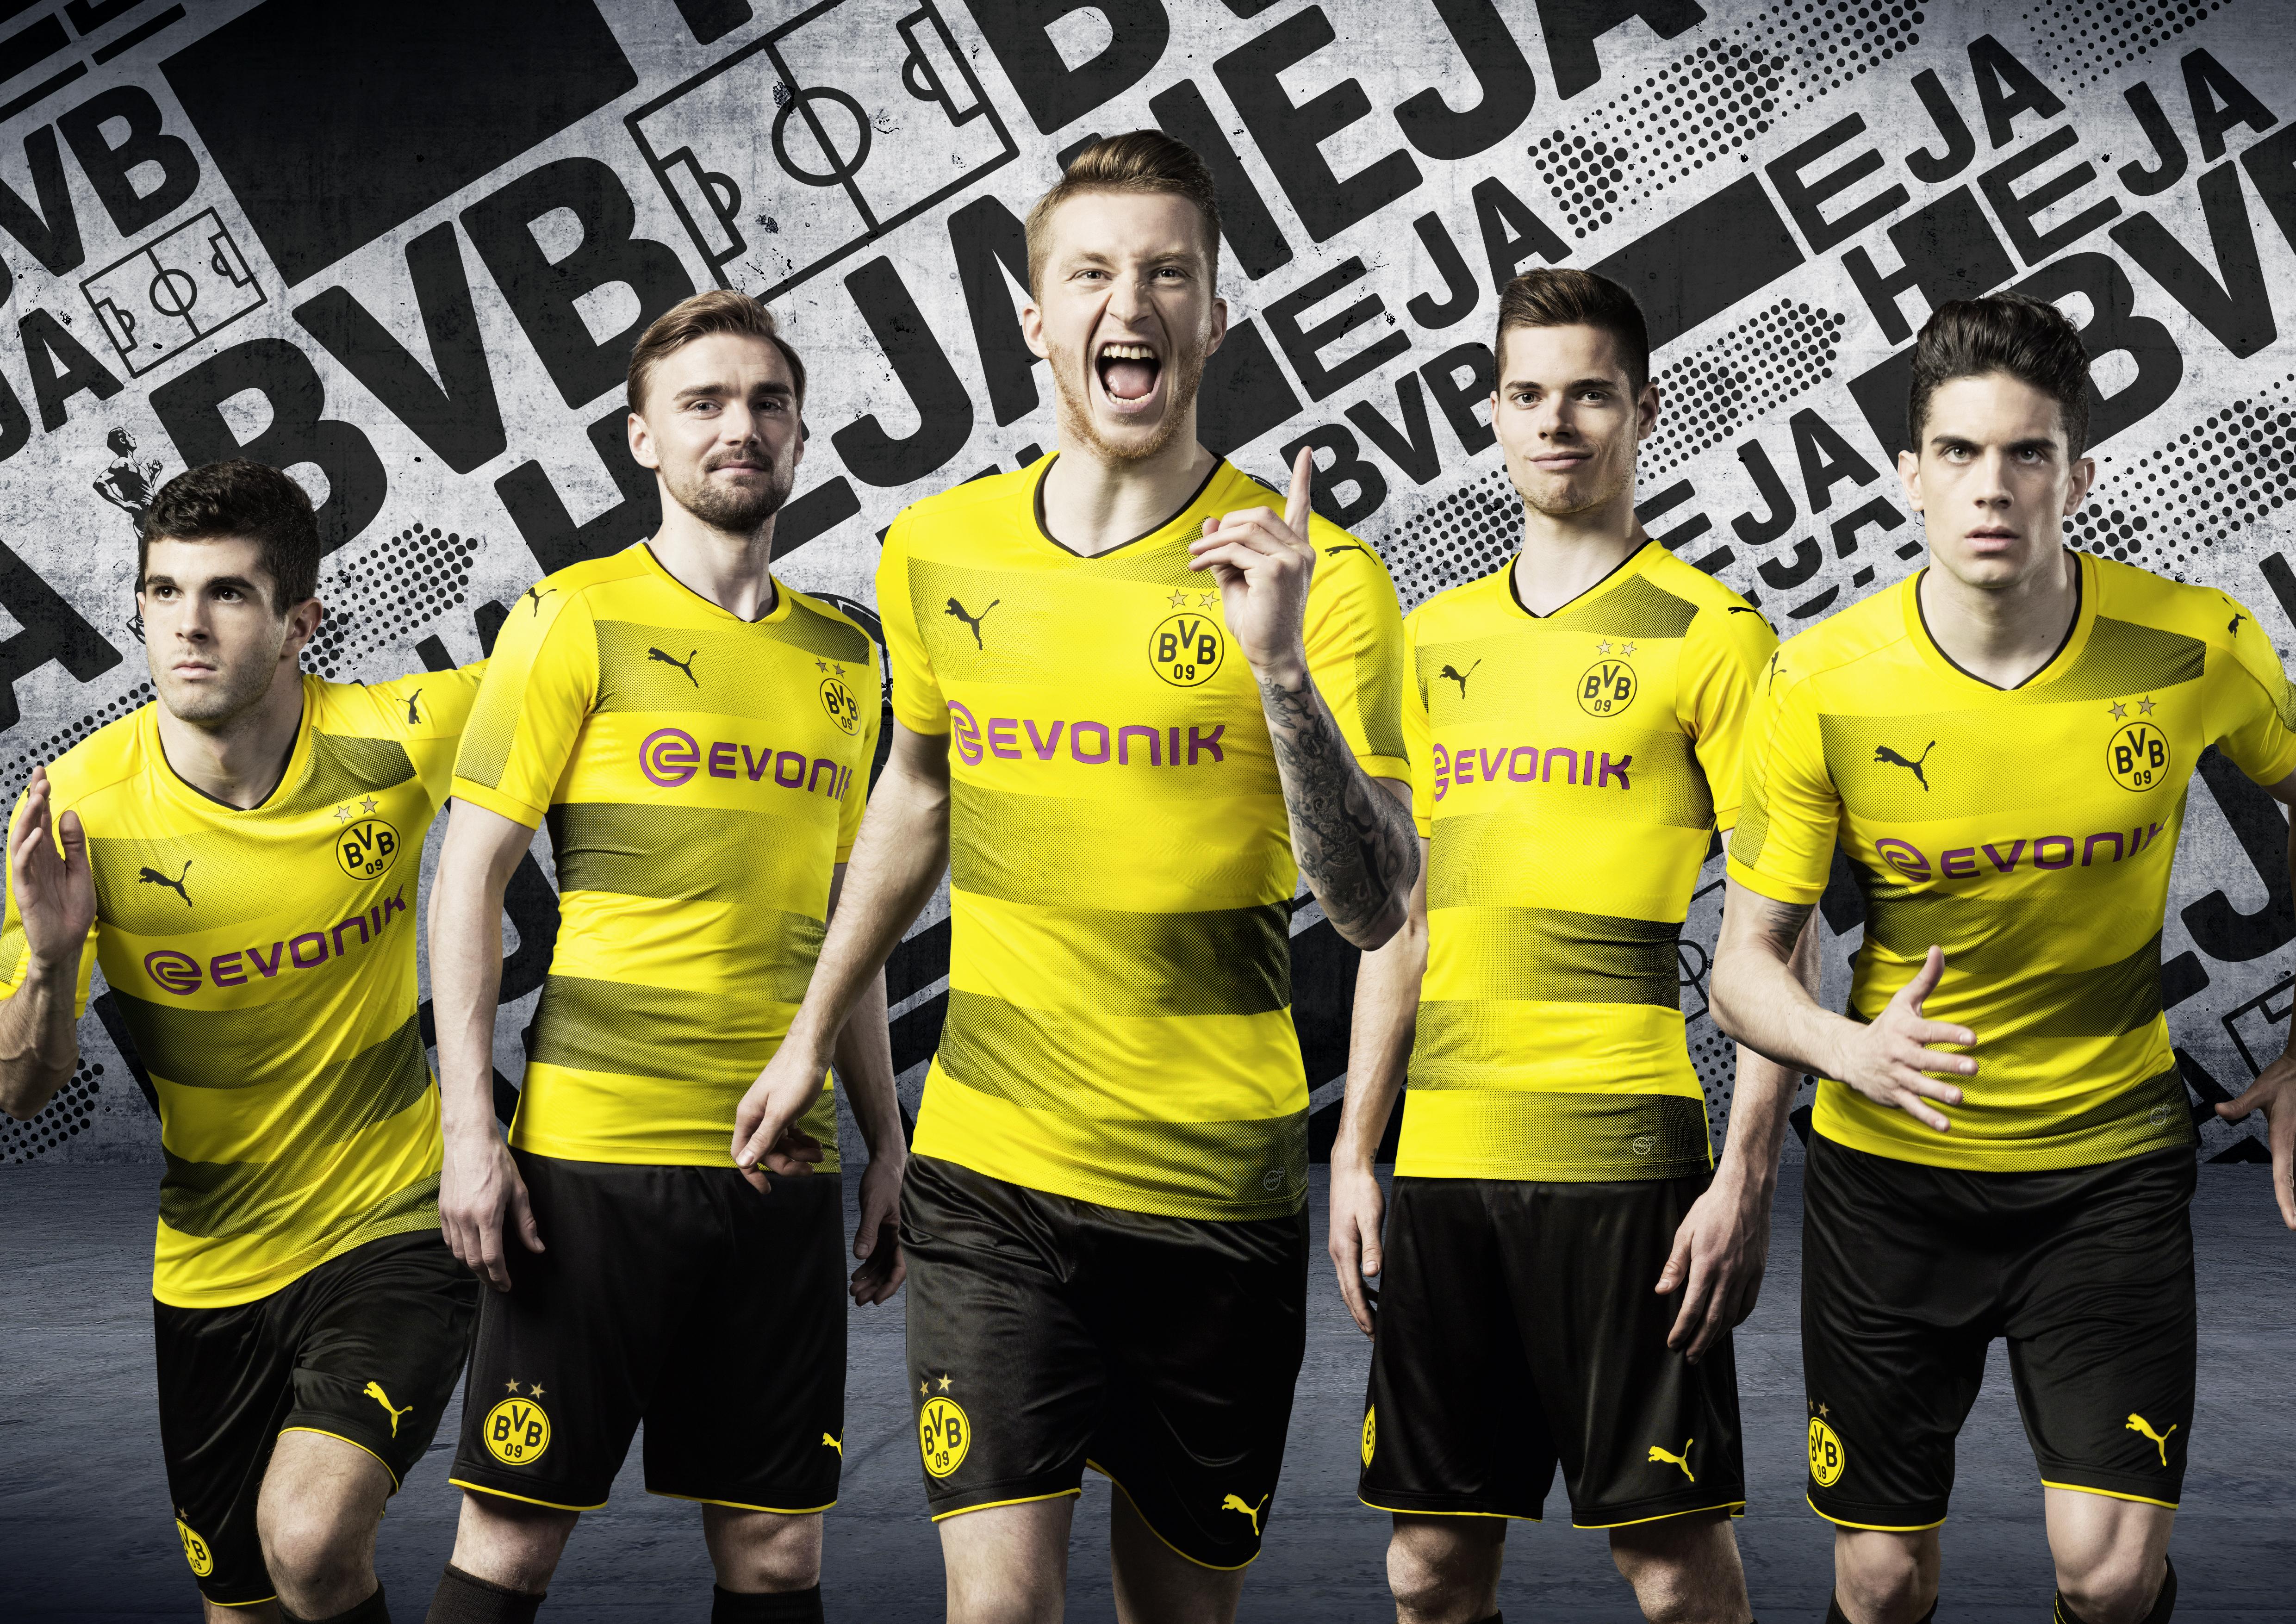 Les joueurs de Dortmund porteront des messages de Fans sur les nouveaux maillots pour la fin de saison